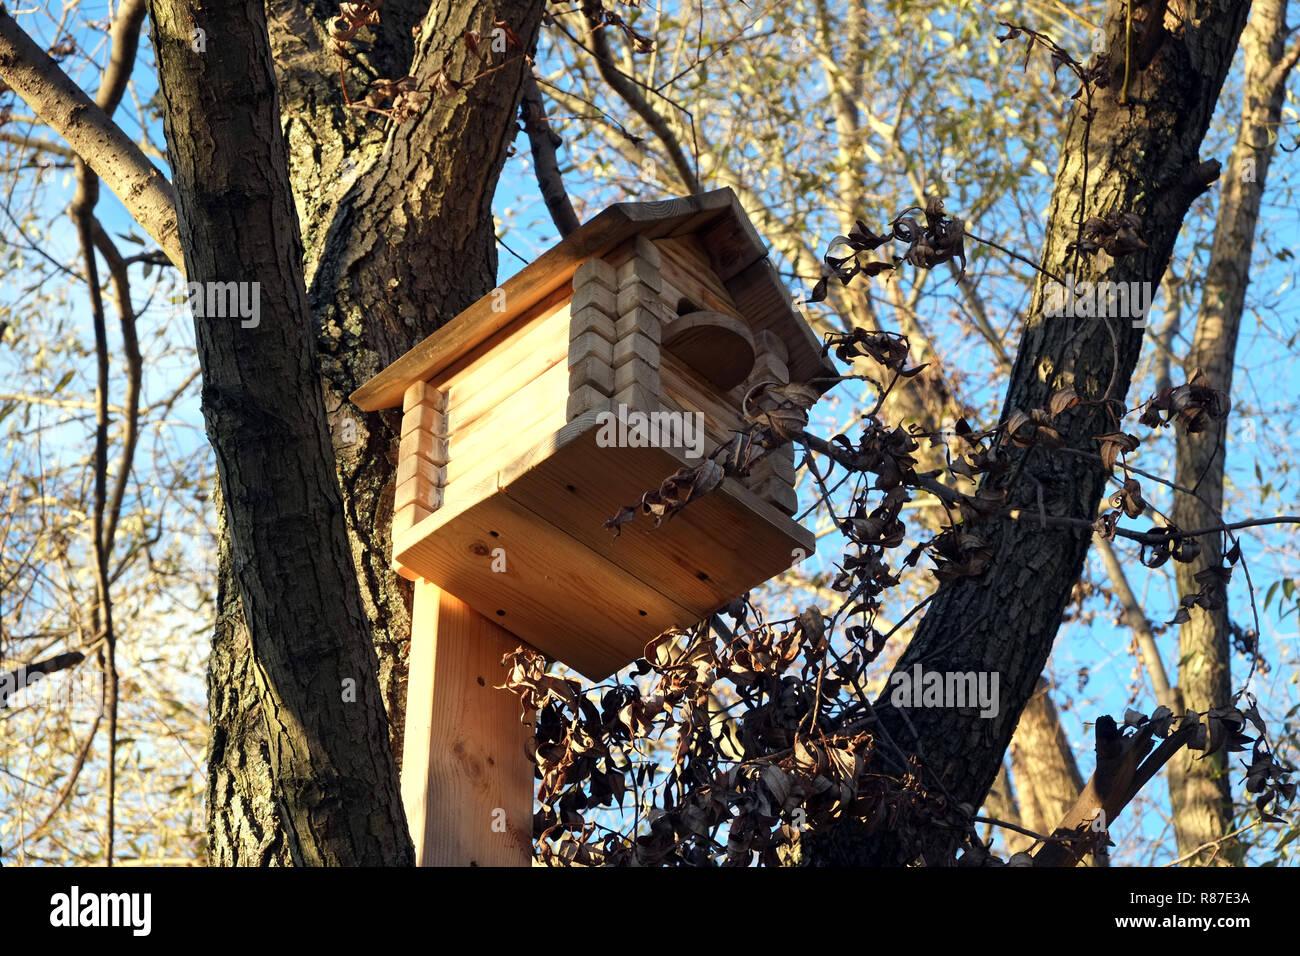 Große neue Holz- Vogelhaus hängend an einem Baumstamm an einem sonnigen Tag im Herbst Wald Stockbild